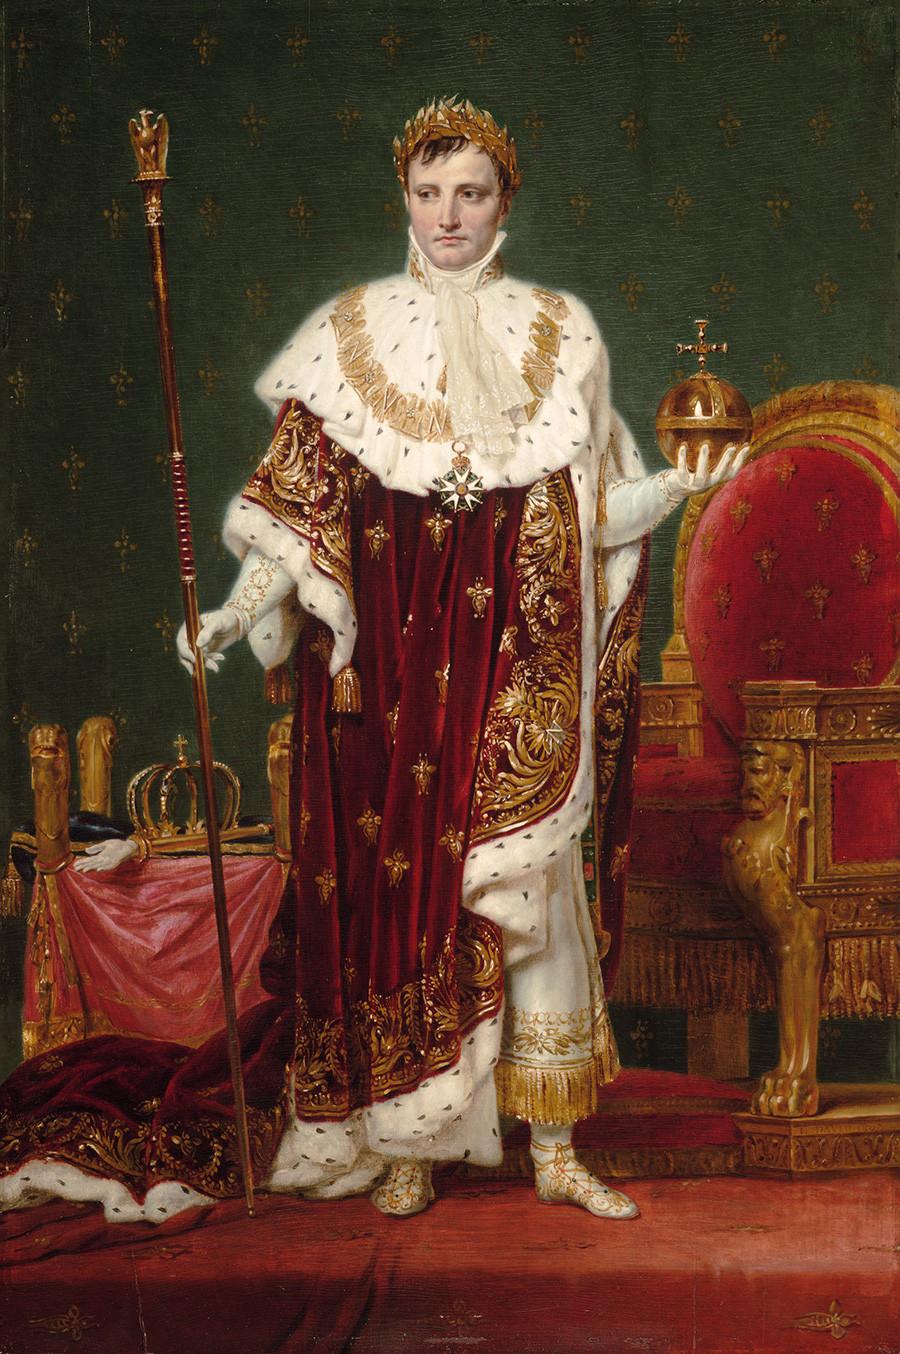 Император Наполеон I (1769-1821) Жак-Луј Давид, 1807.